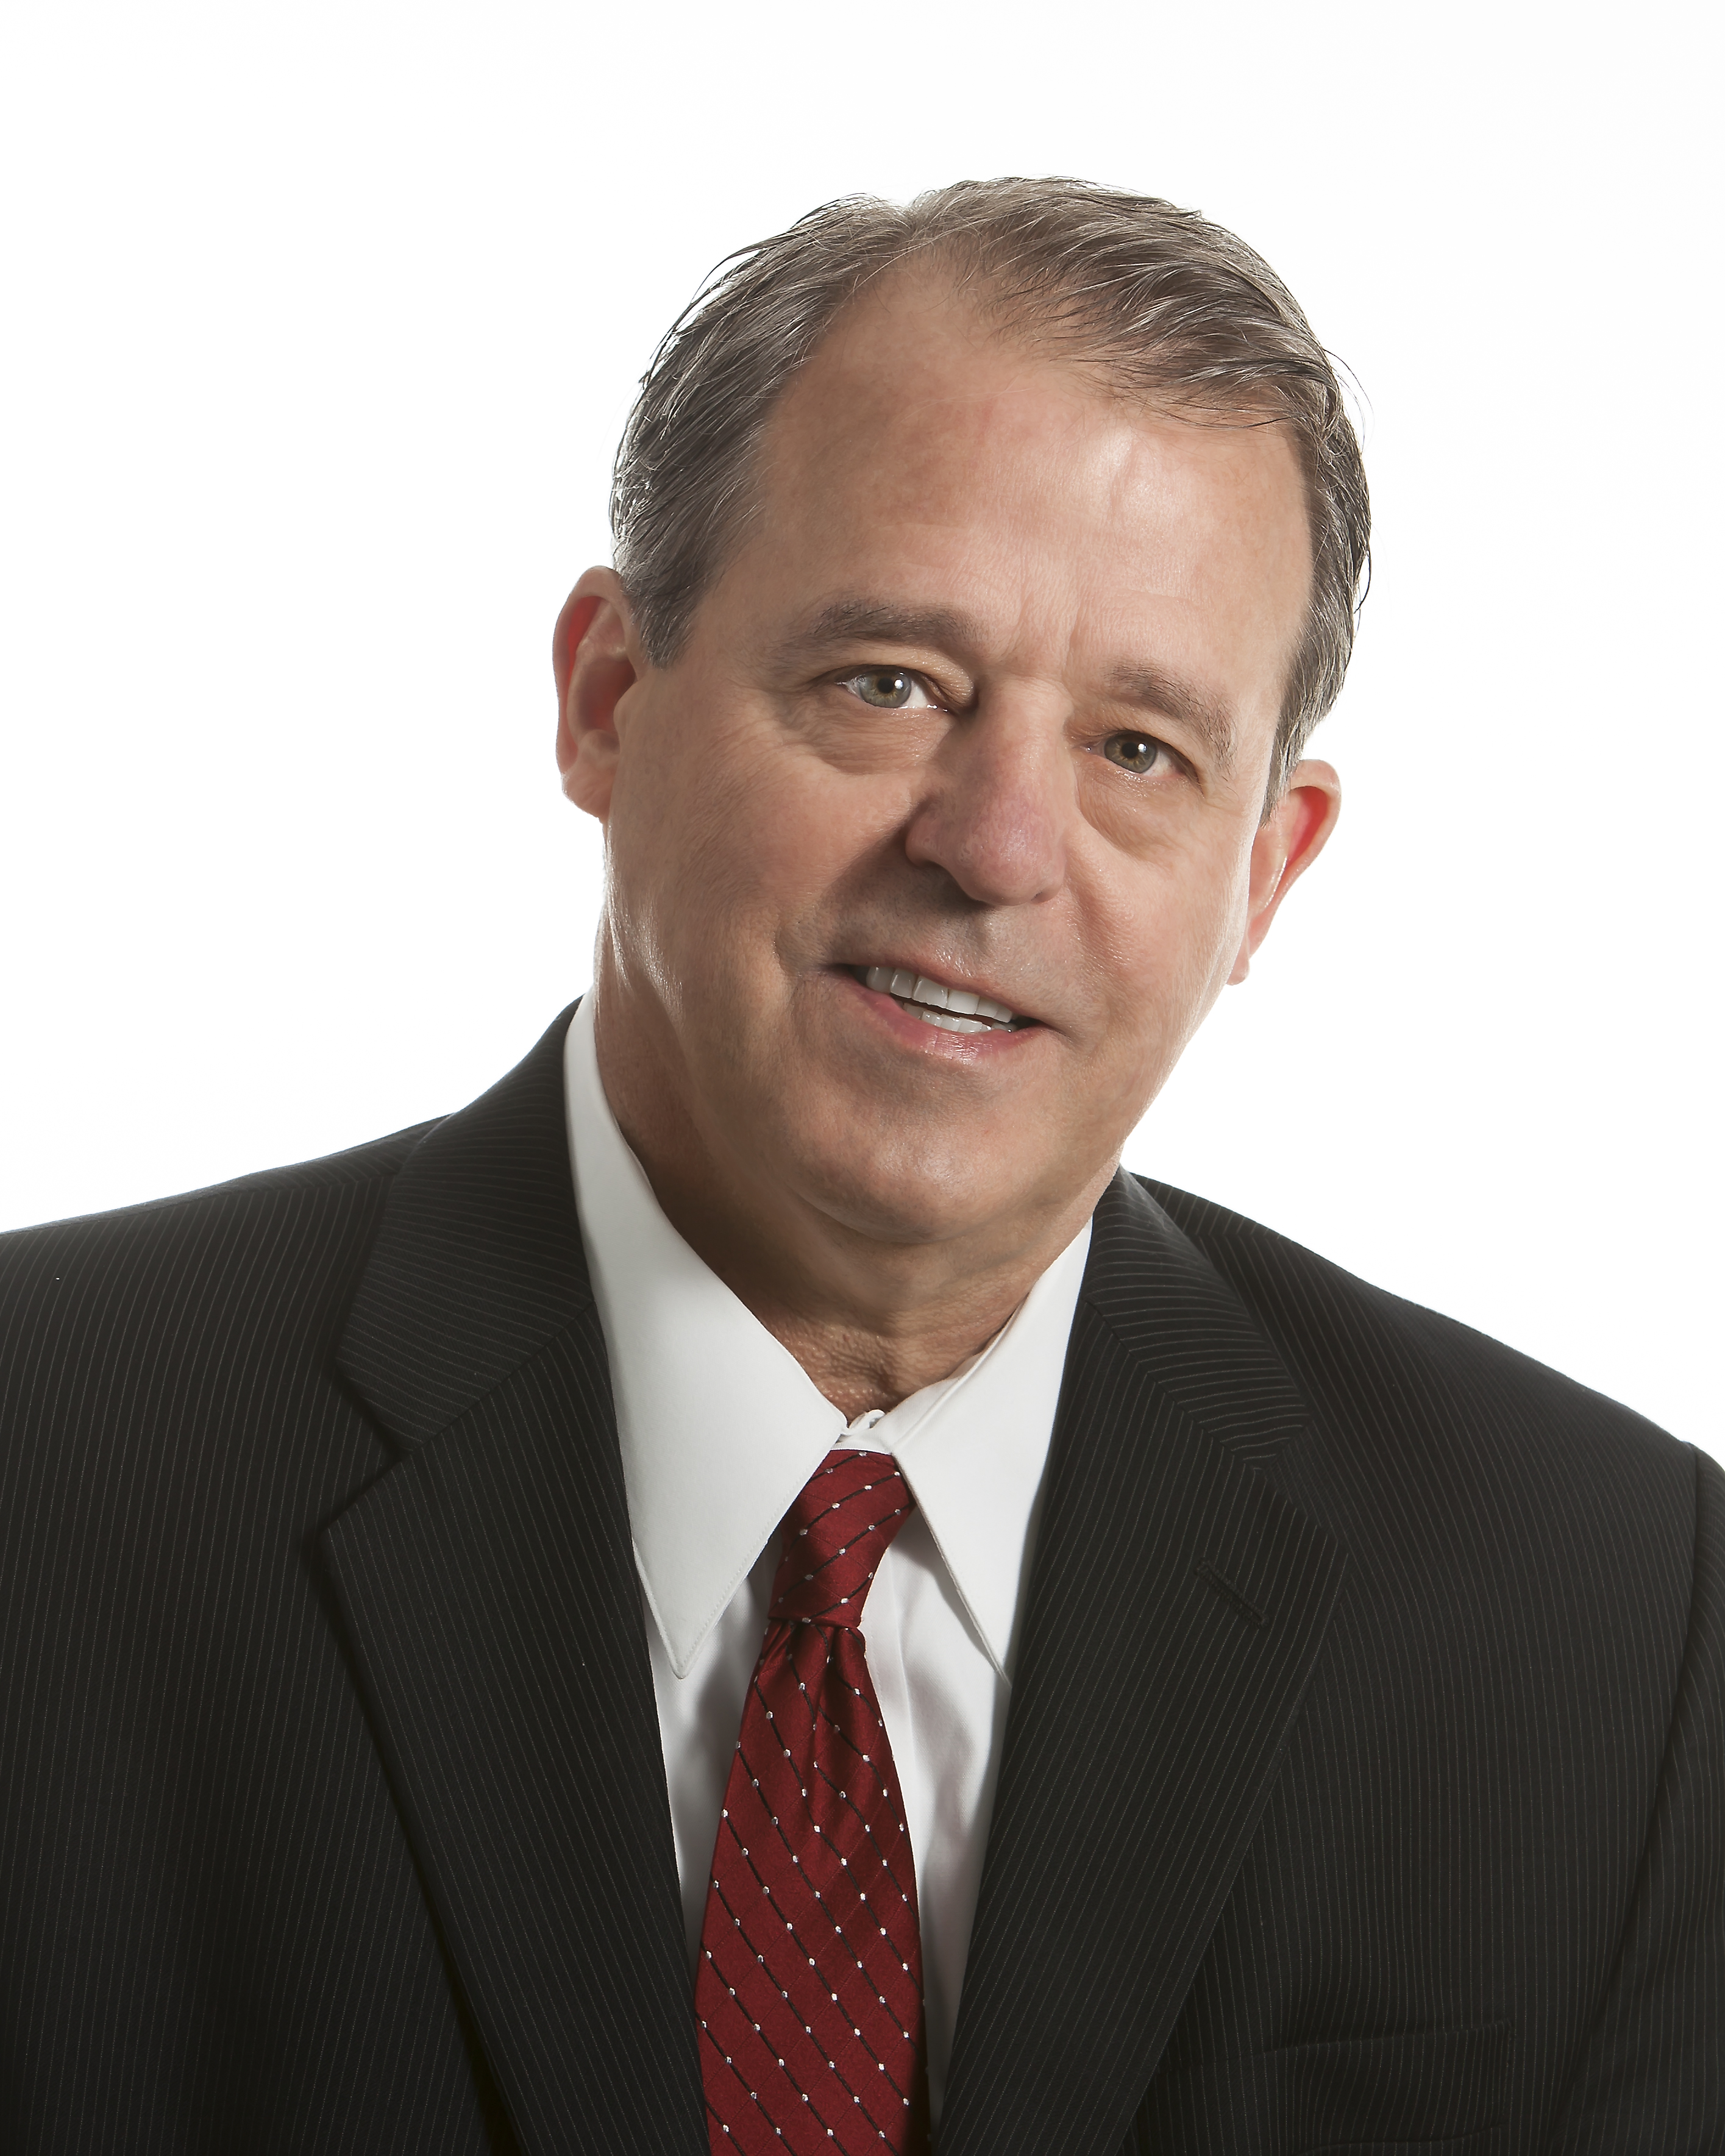 Steve Hastings